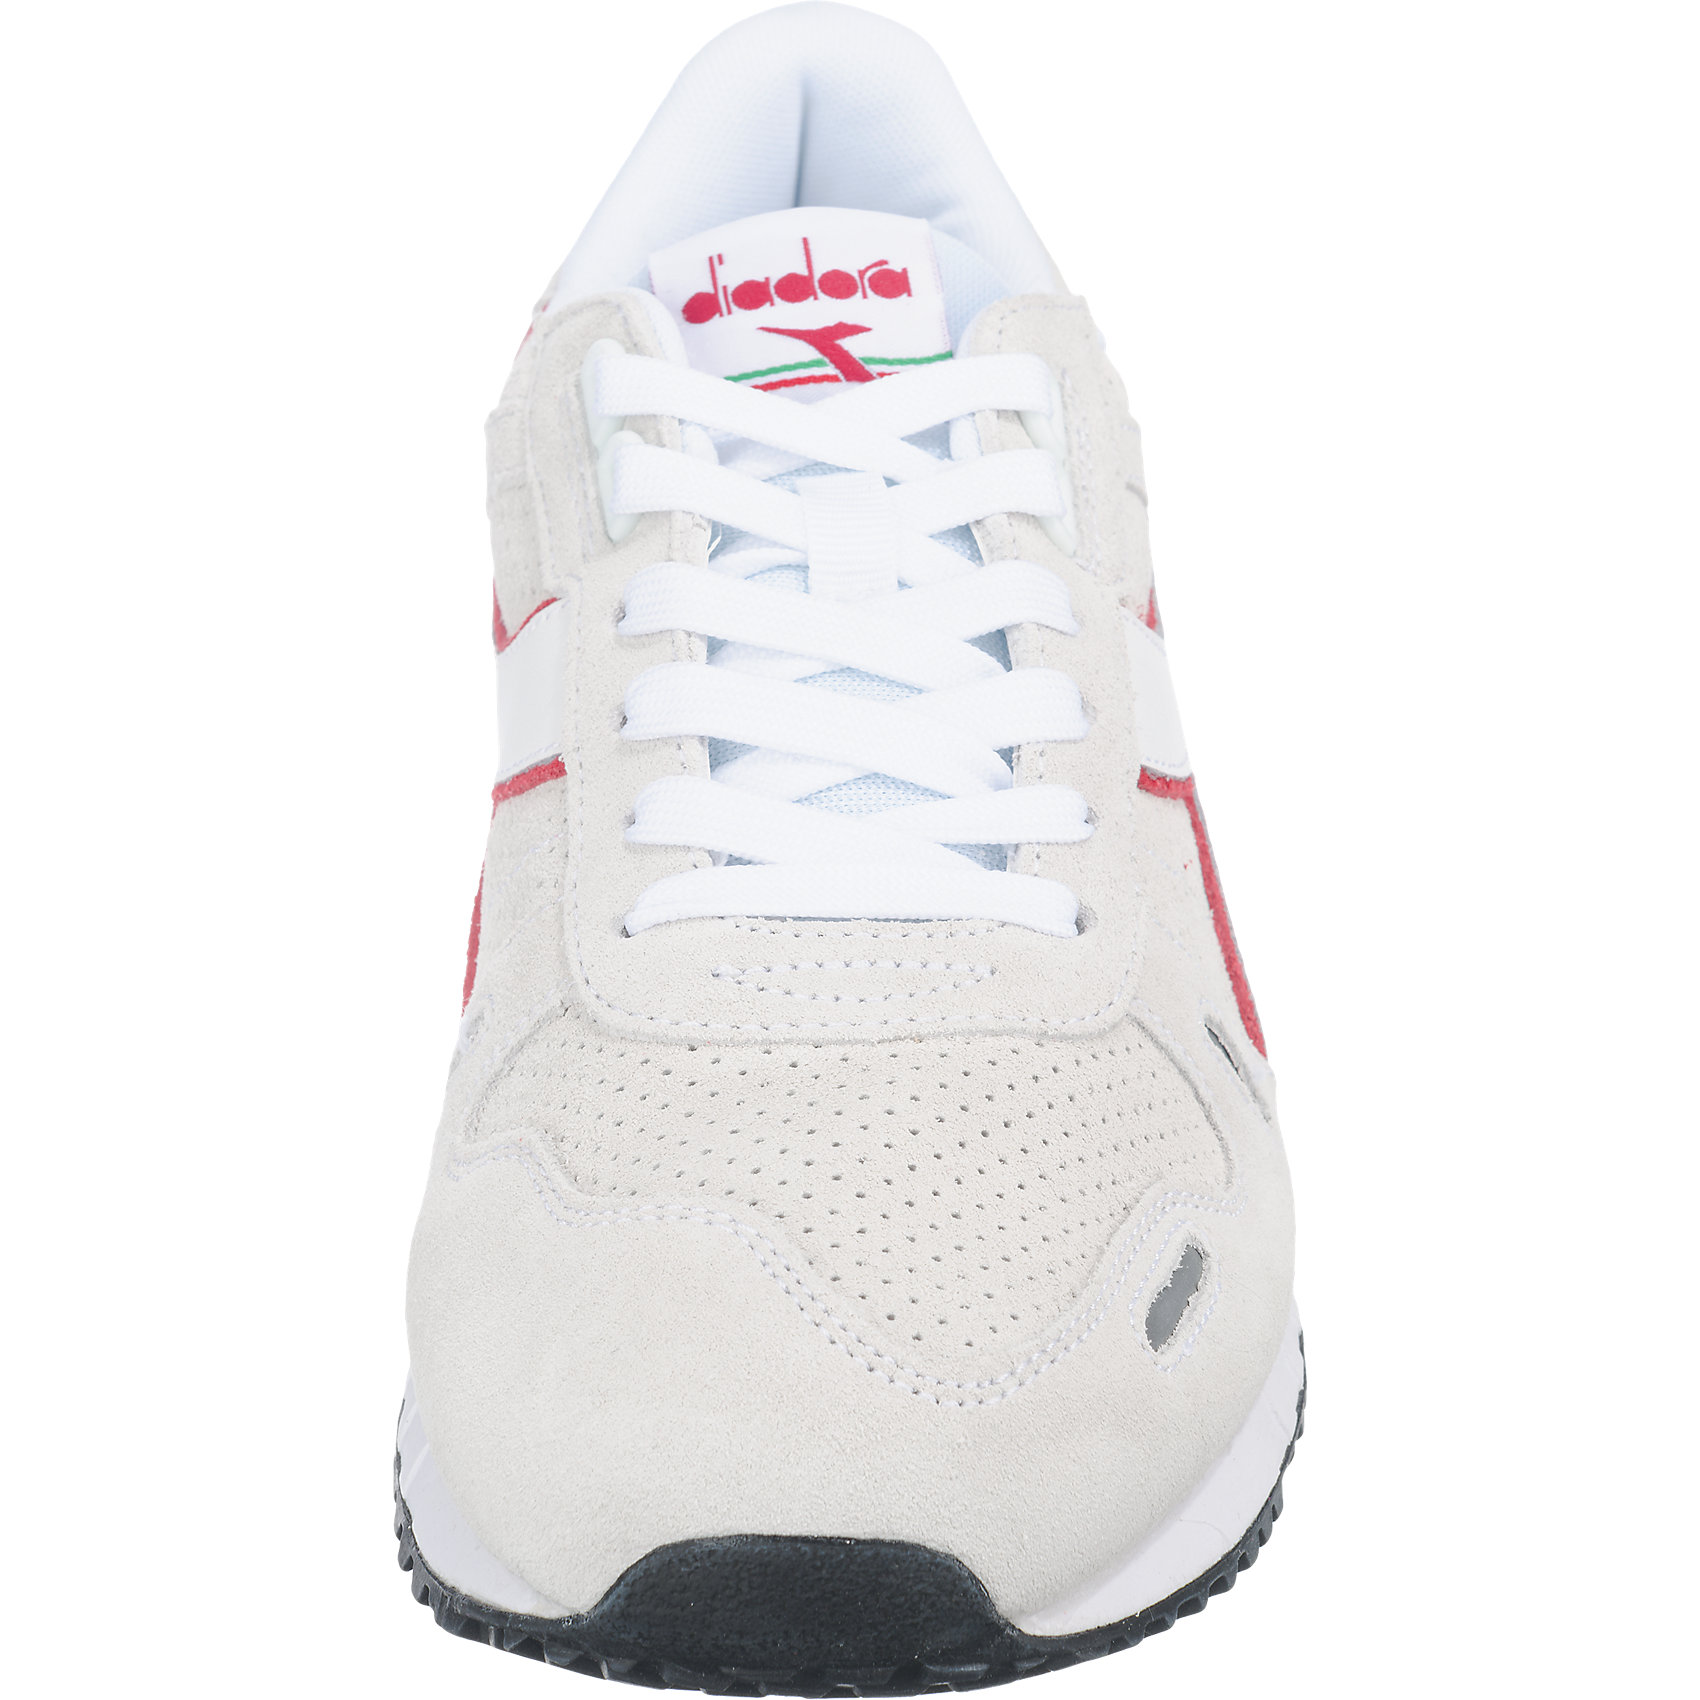 Neu Diadora Titan Premium Sneakers beige-kombi grau-kombi 5775015